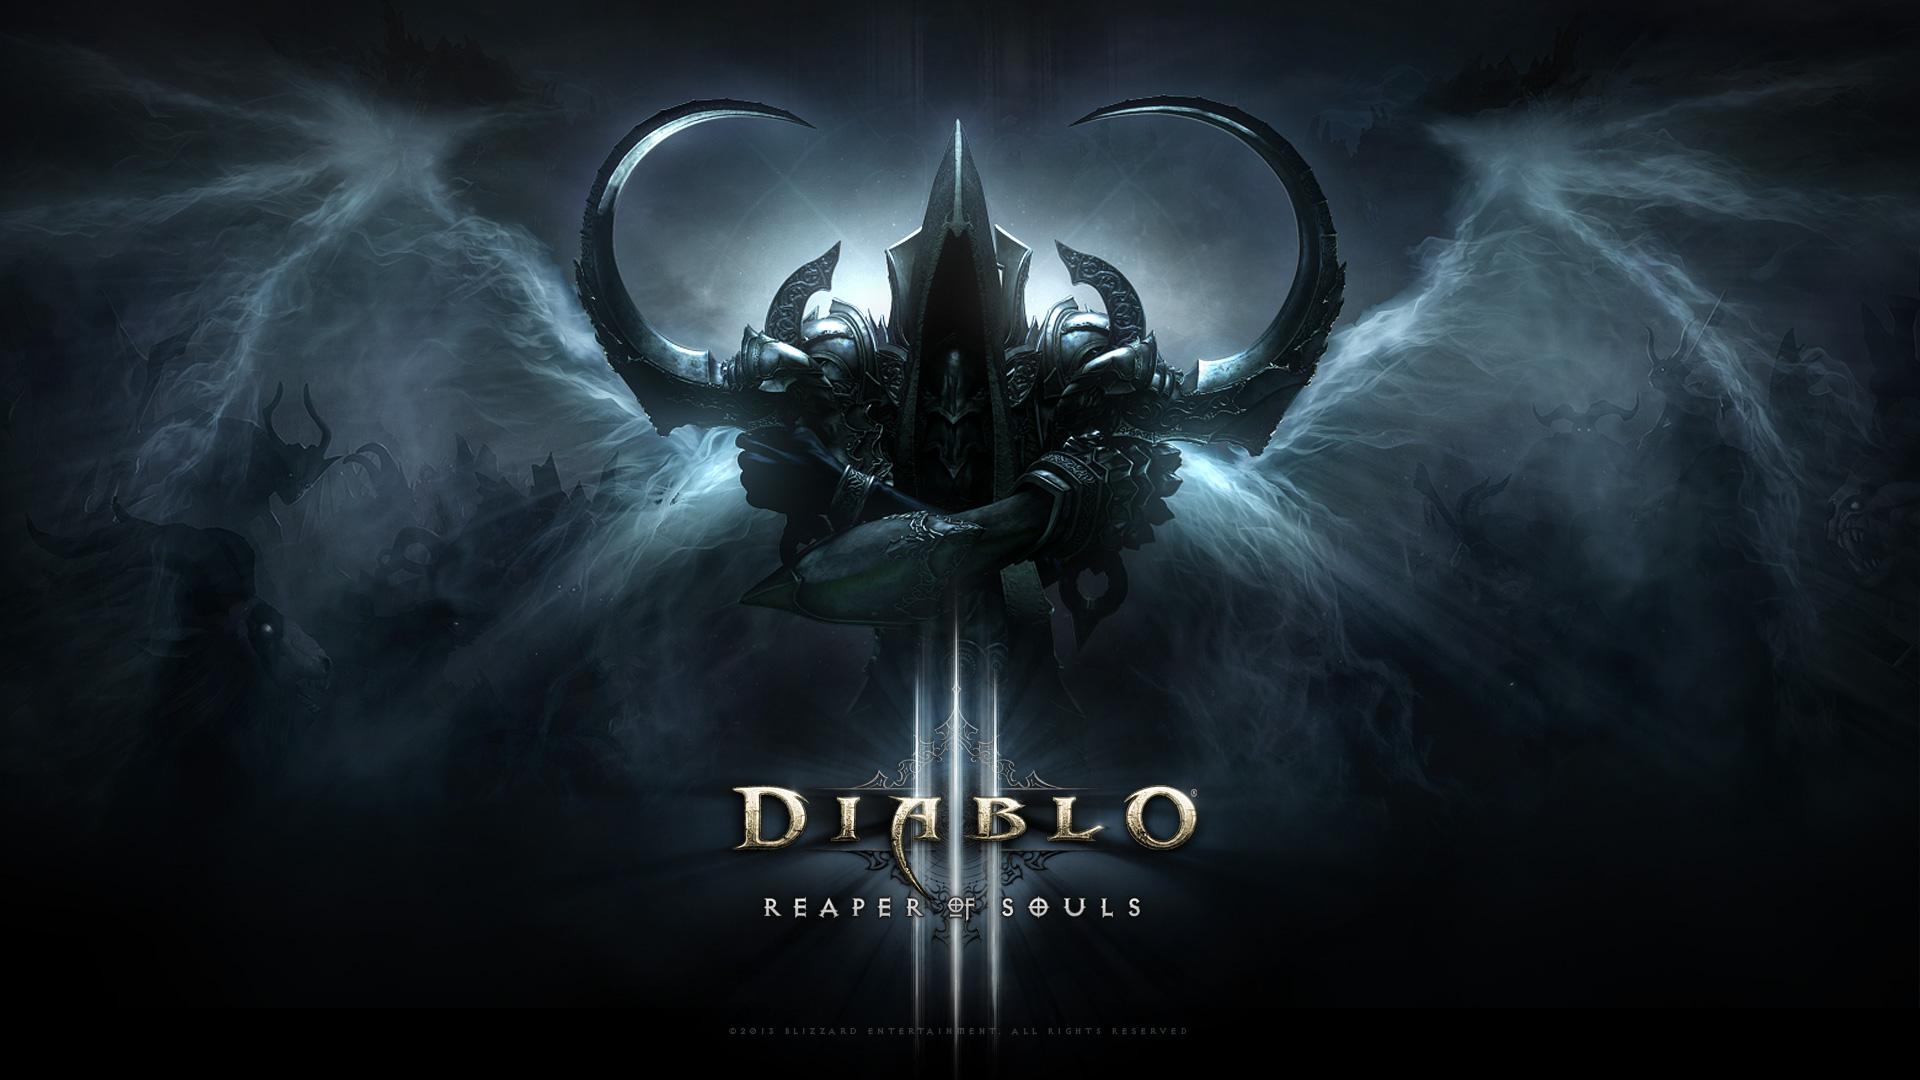 Diablo 3 Reaper of Souls Mac Download - Mac Download Games